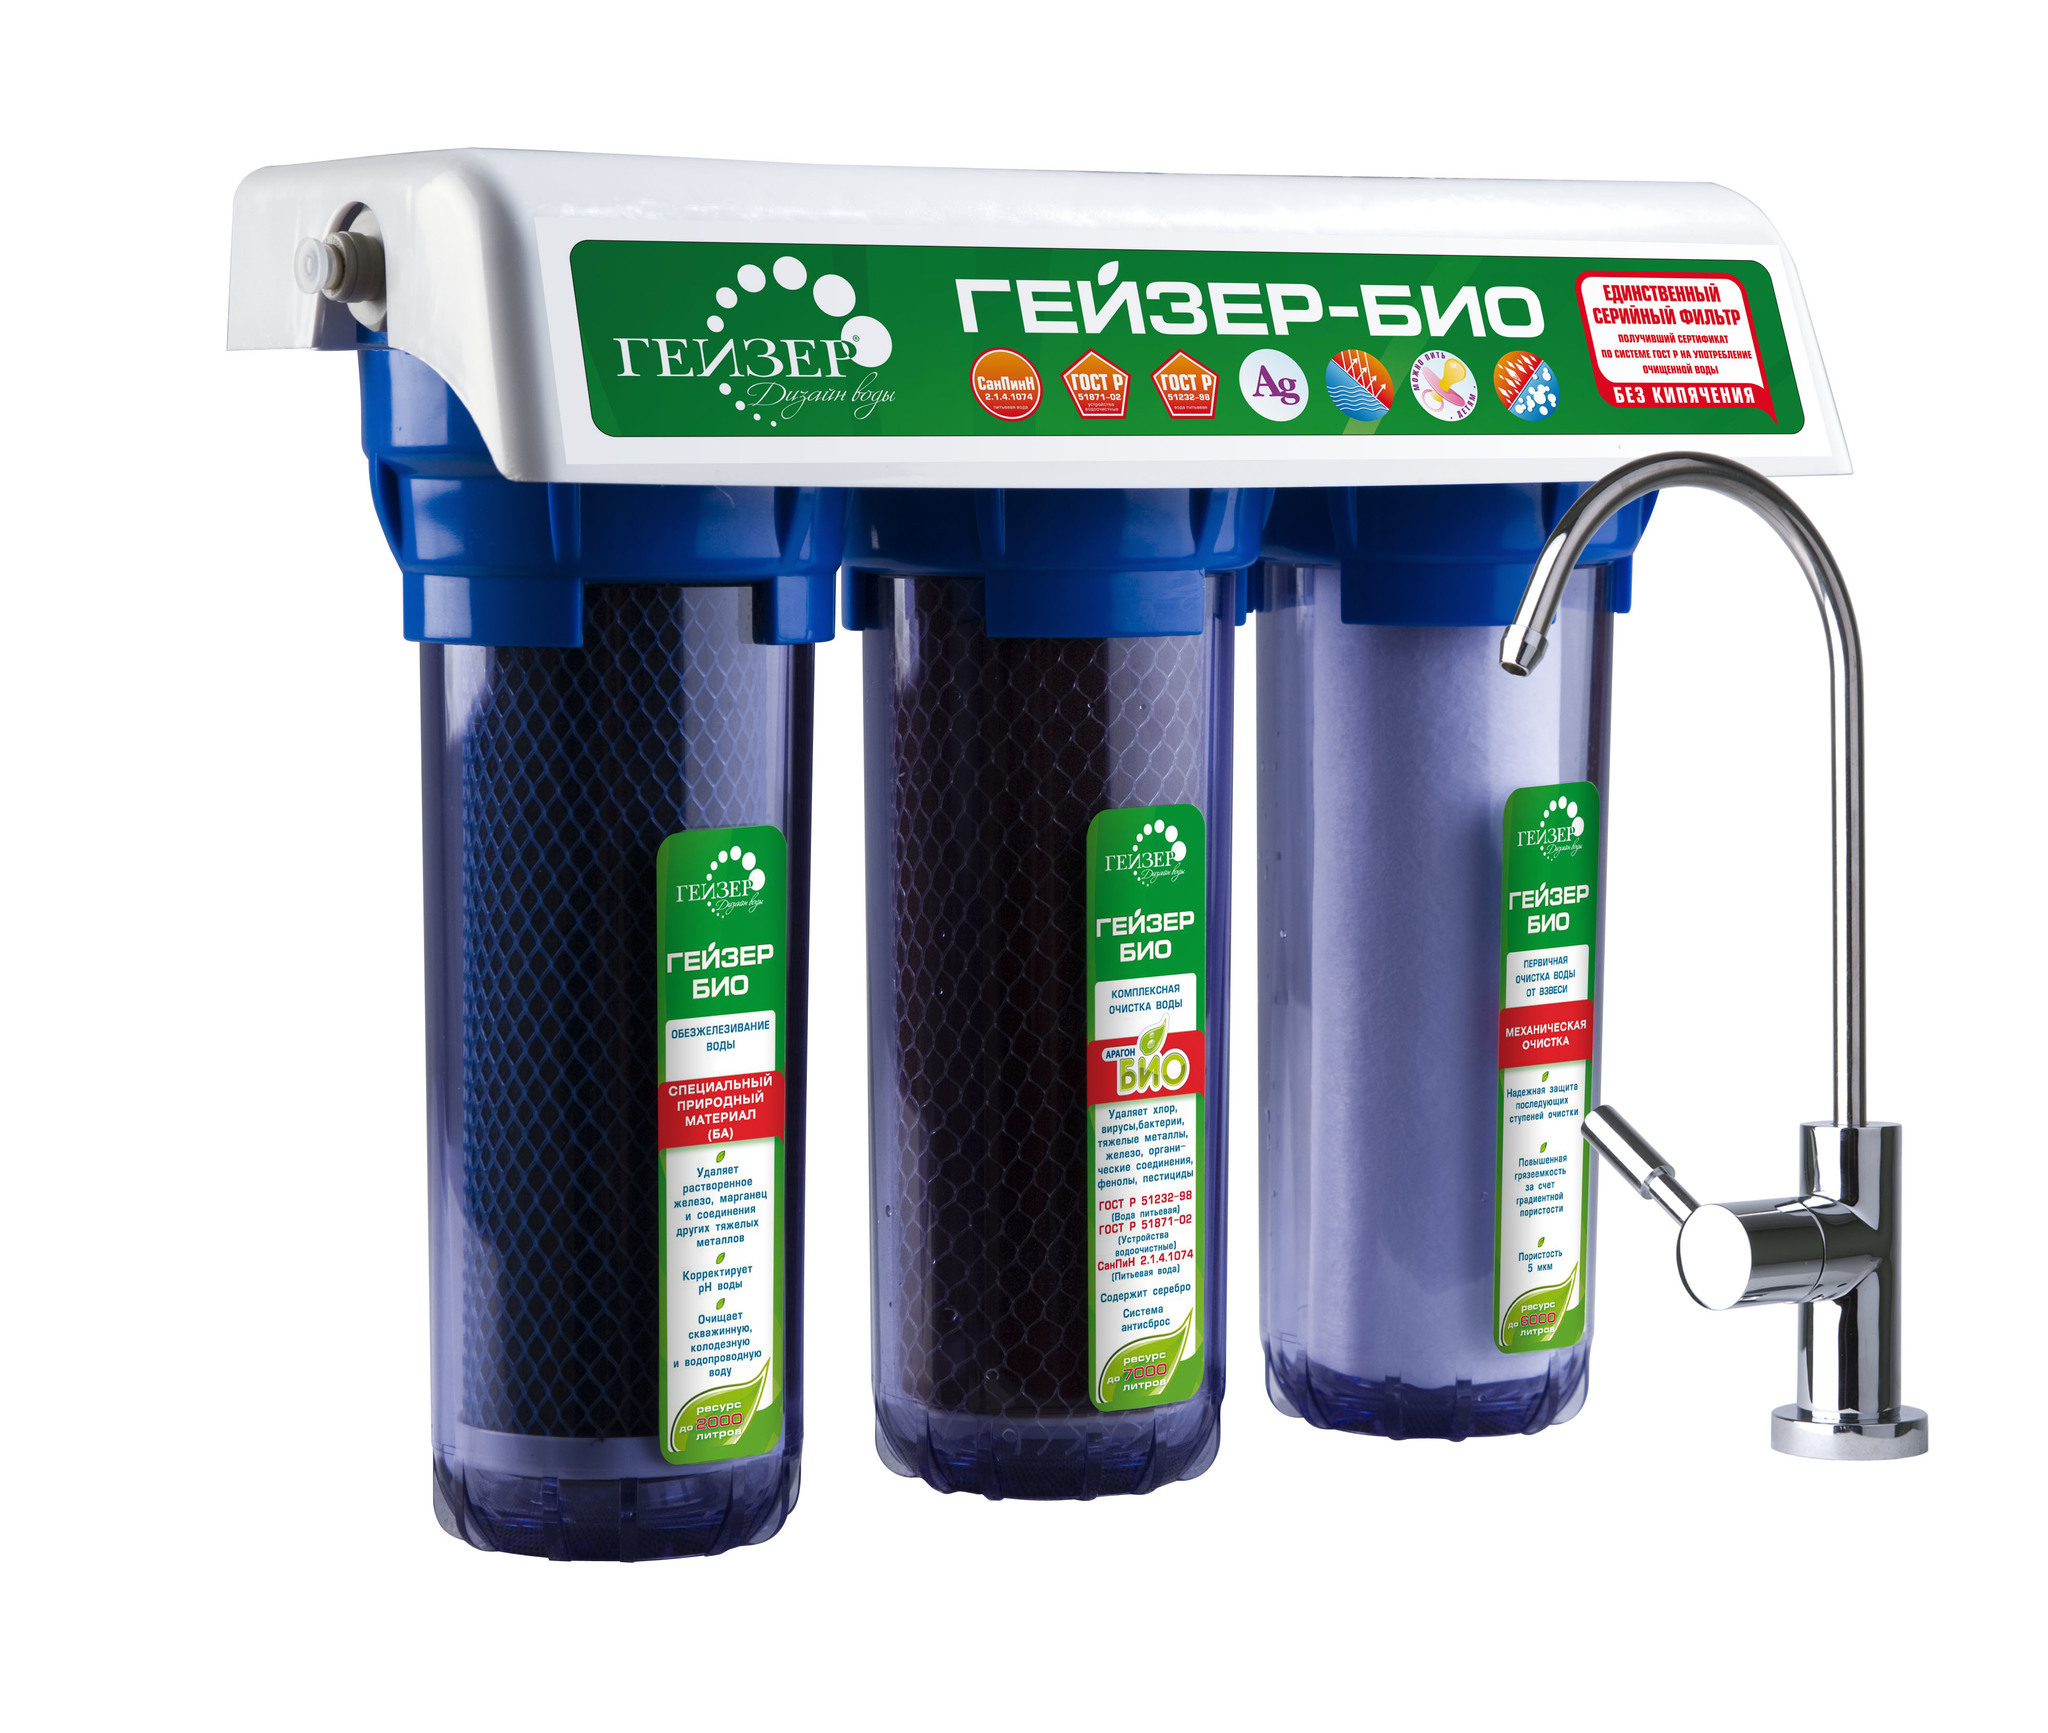 Фильтры для воды под мойку. какой лучше выбрать